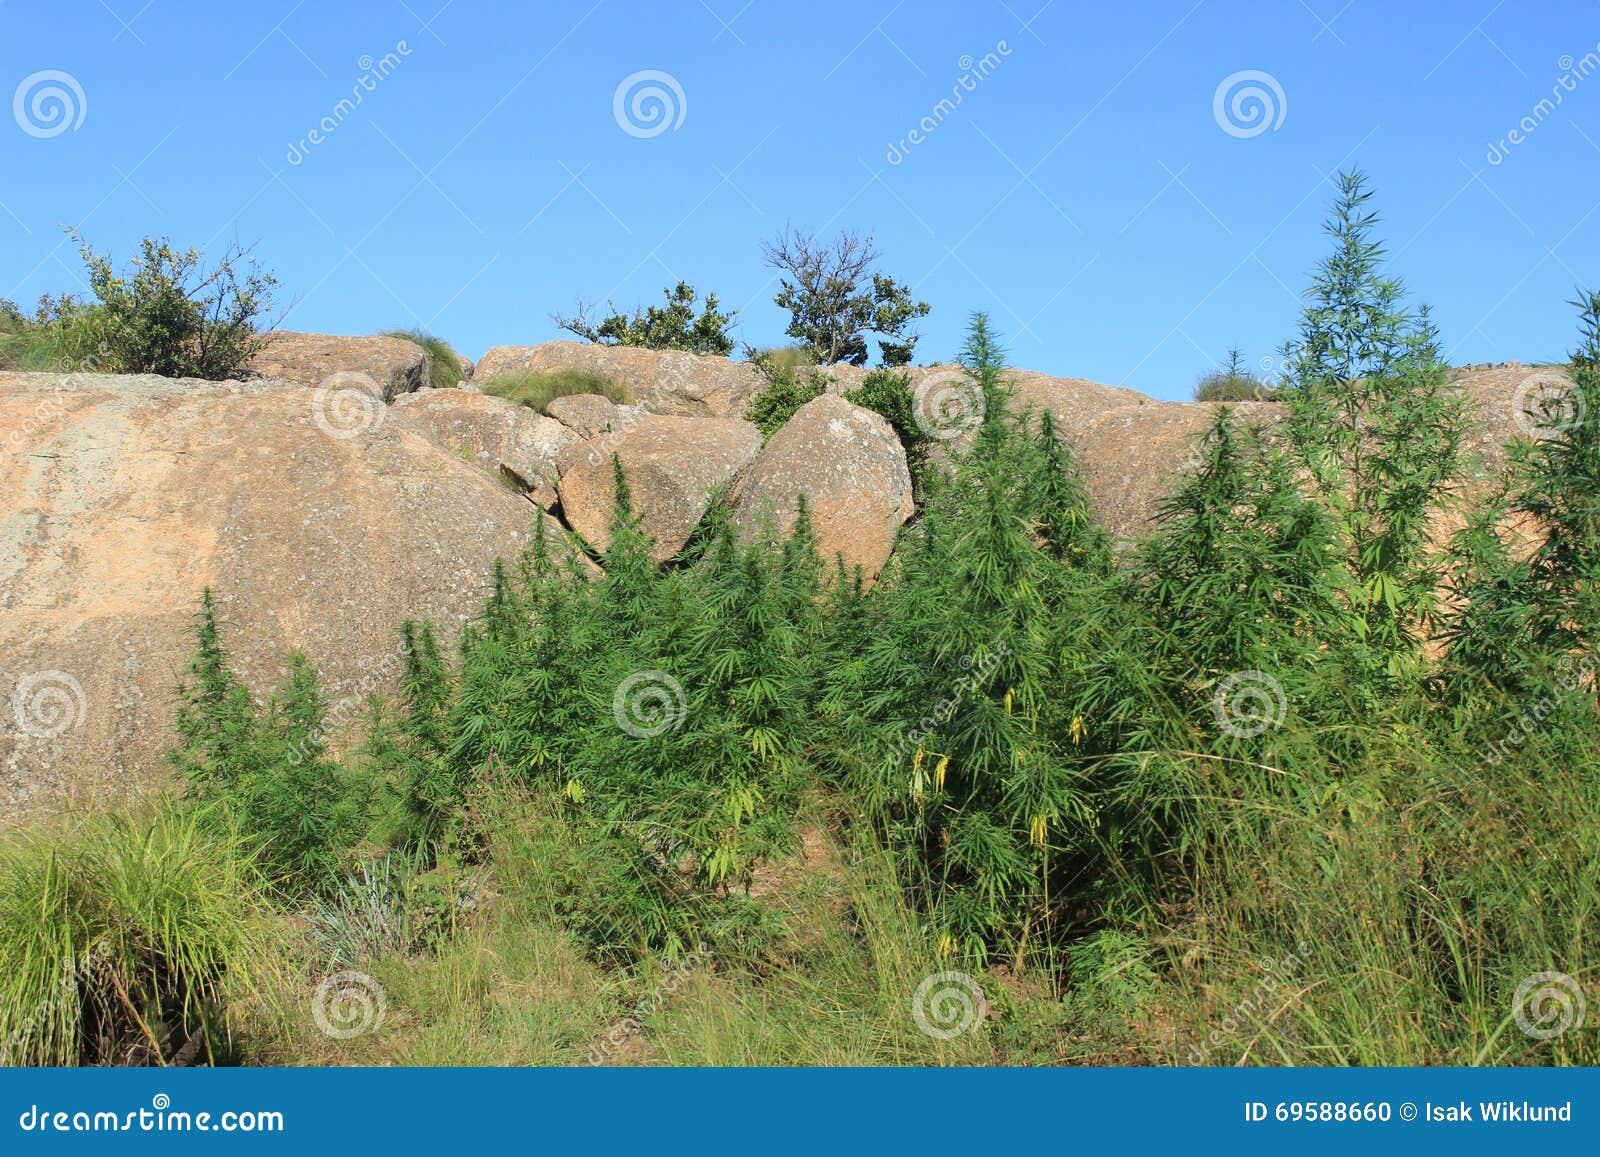 Den lösa det fria som växer cannabis, rensar drognarkotiska preparat i Swaziland, Afrika